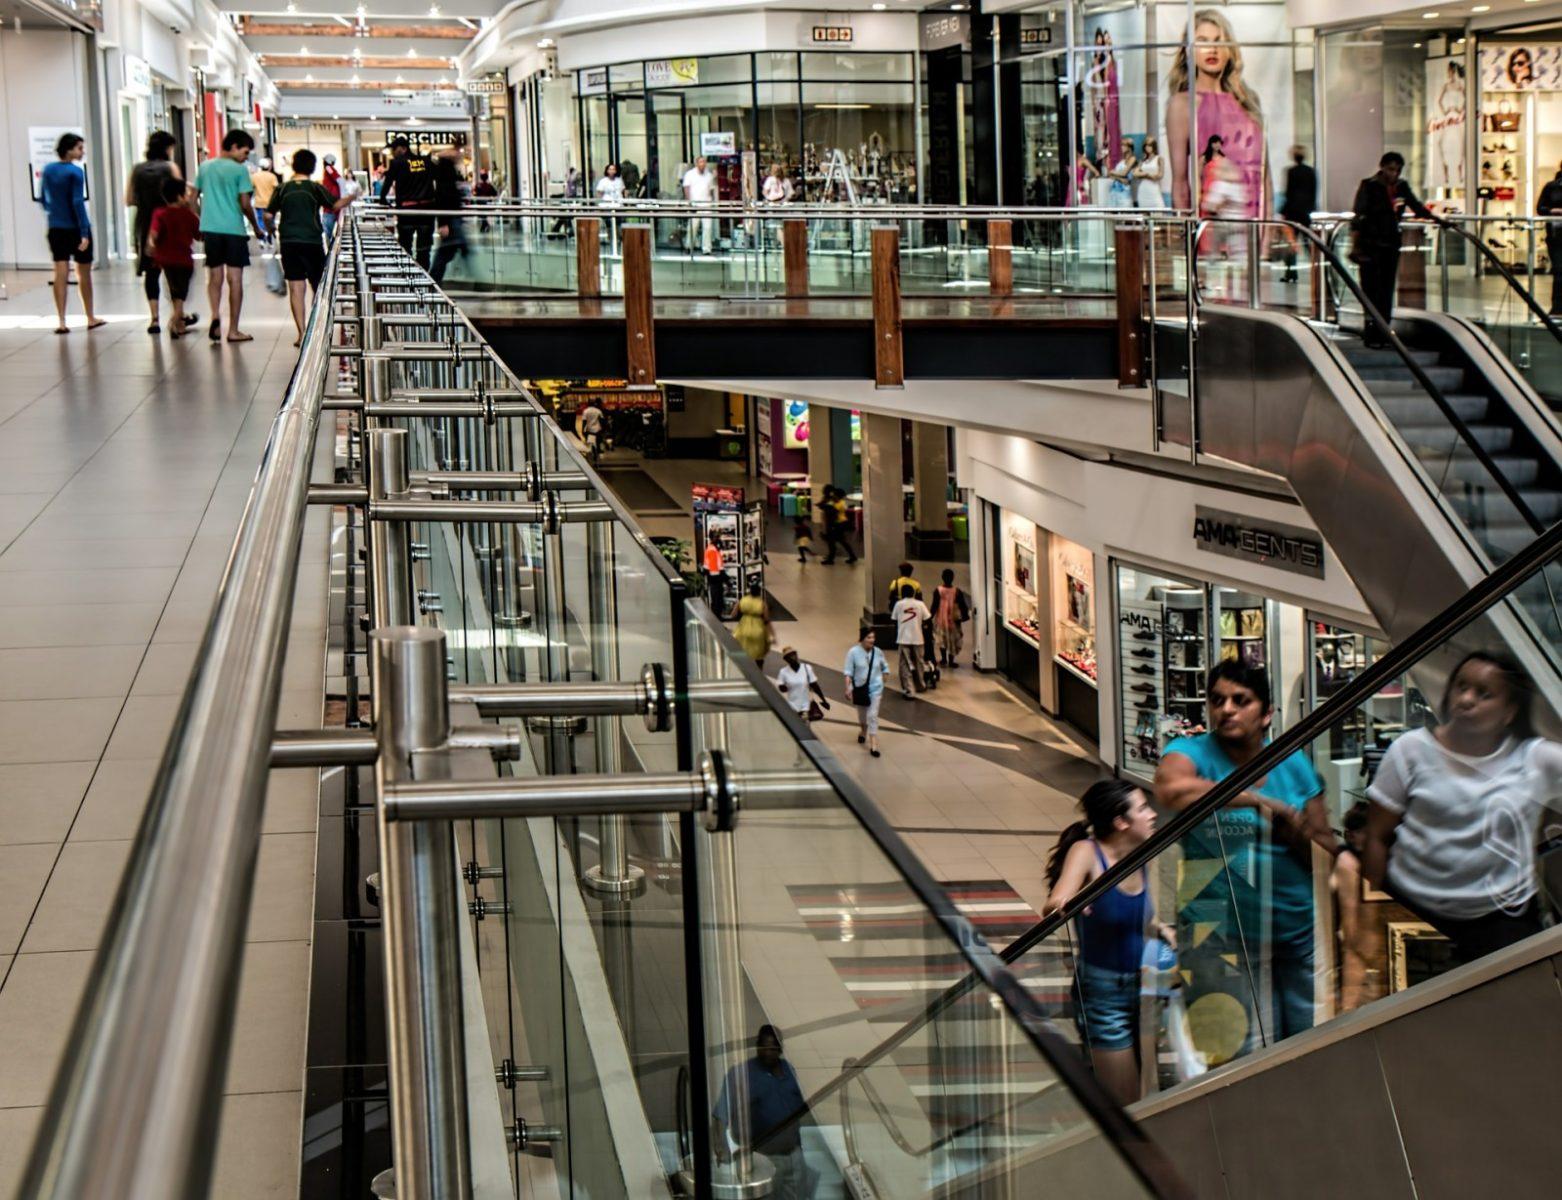 A Luxembourg, les magasins pourront ouvrir jusqu'à 19h le dimanche